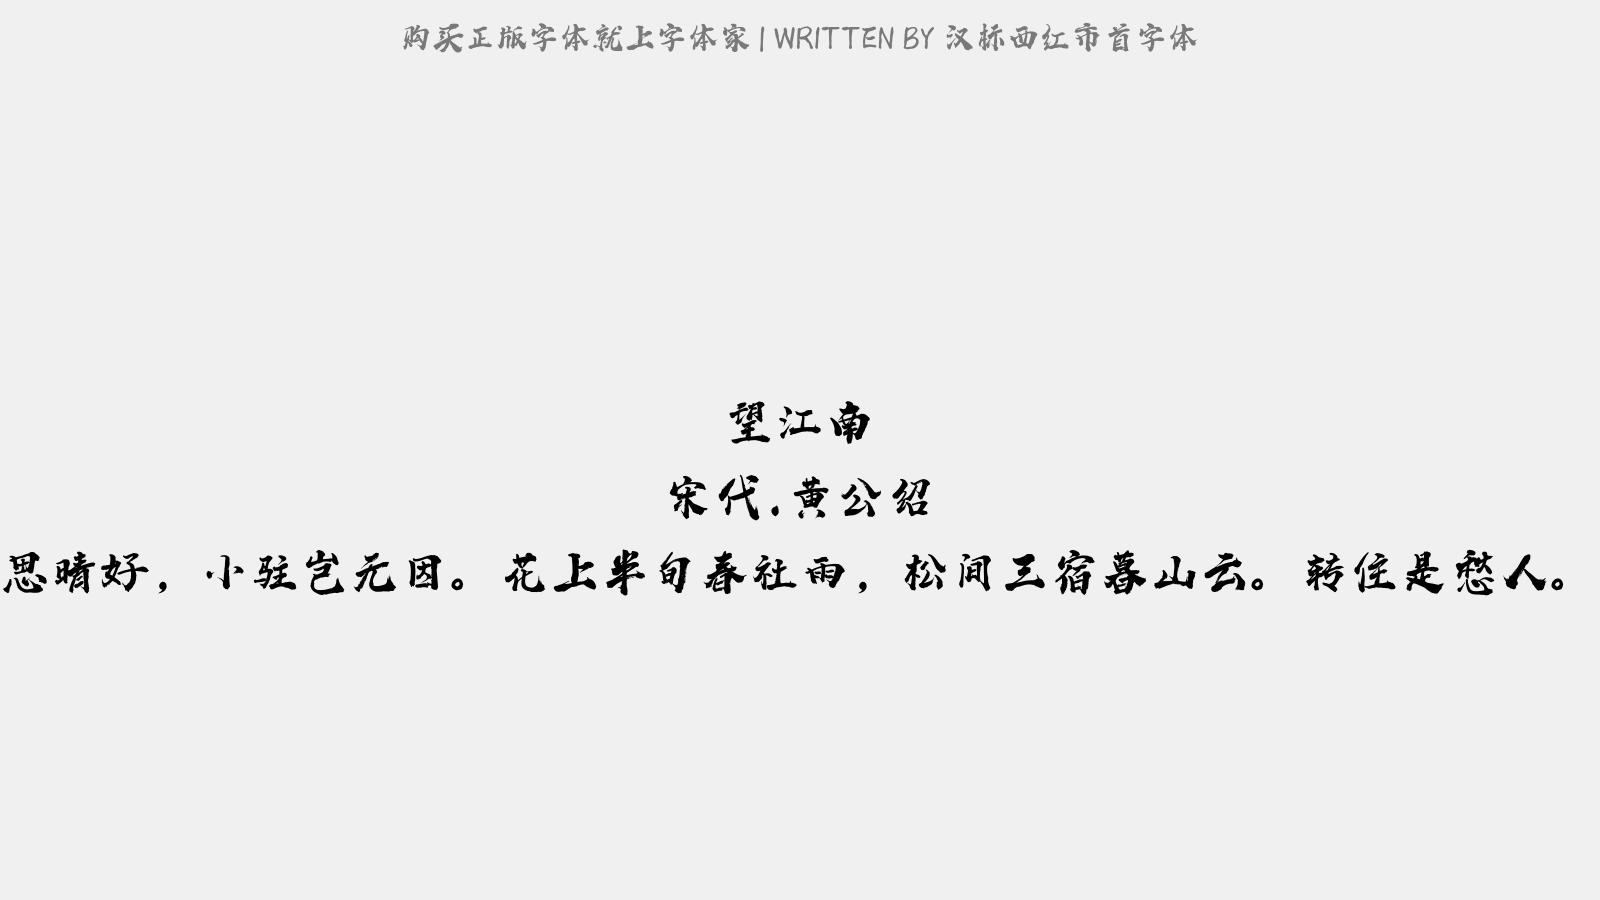 漢標西紅市首字體 - 望江南